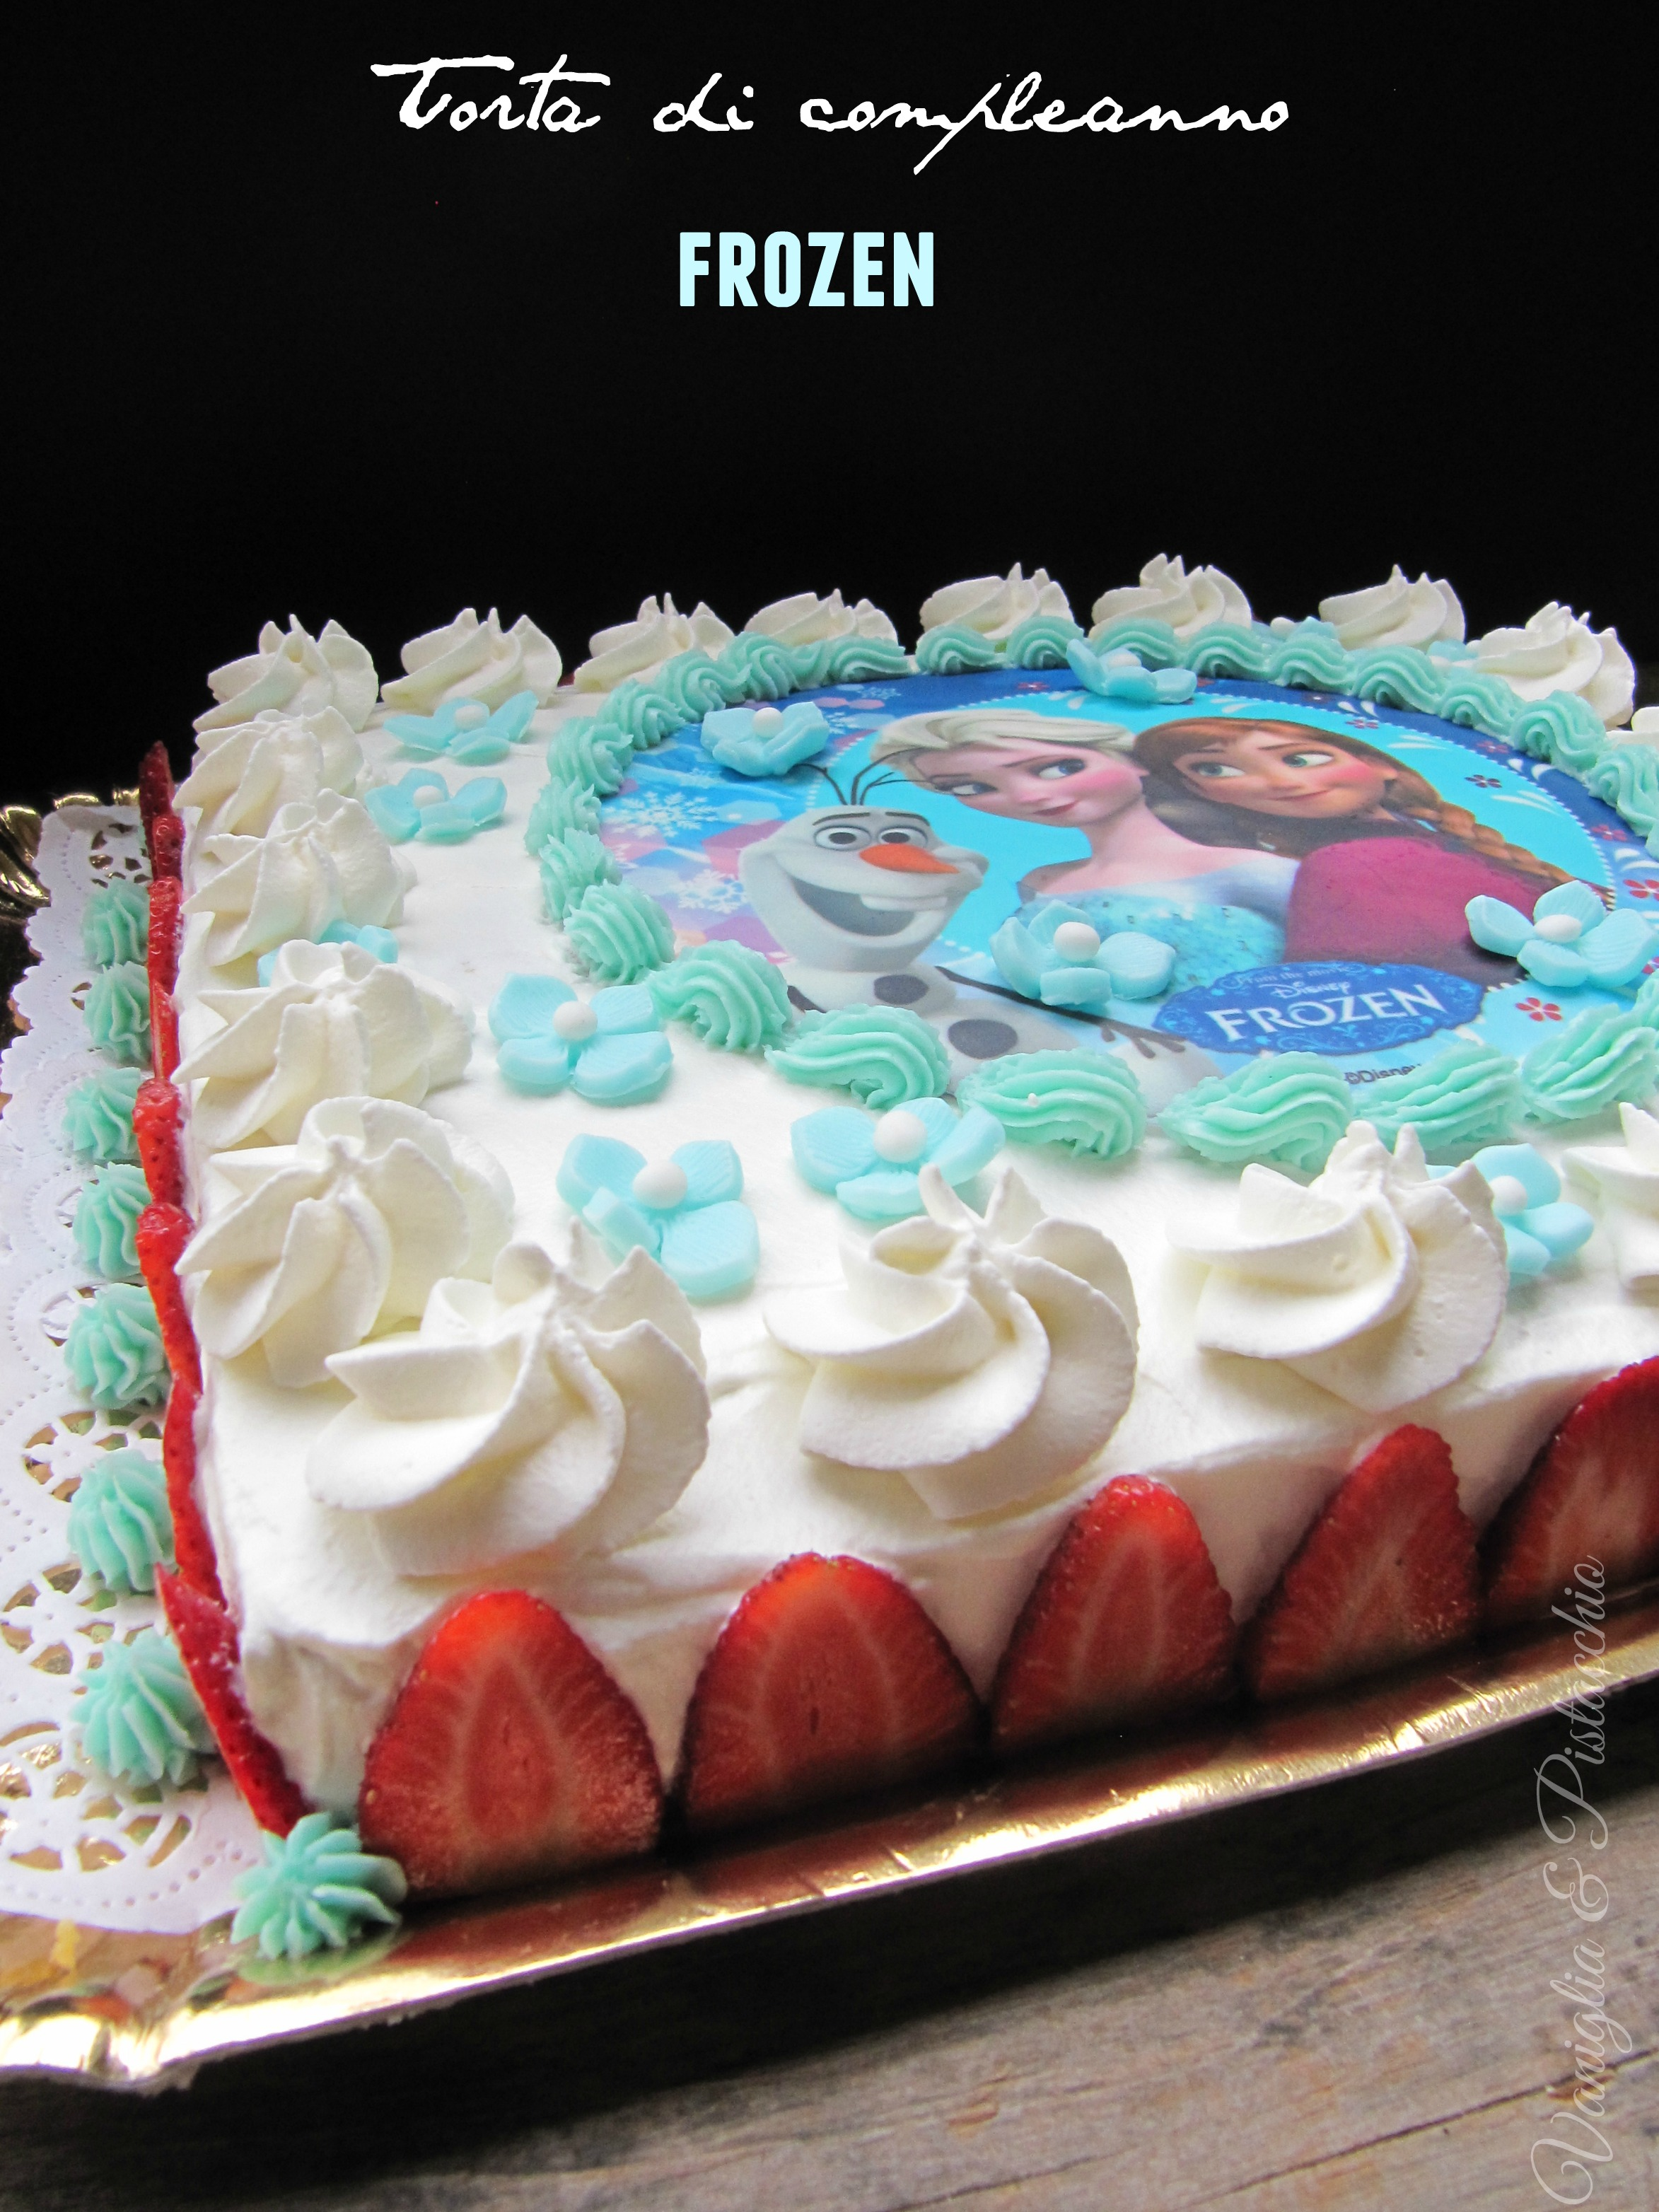 Torta Di Compleanno Frozen